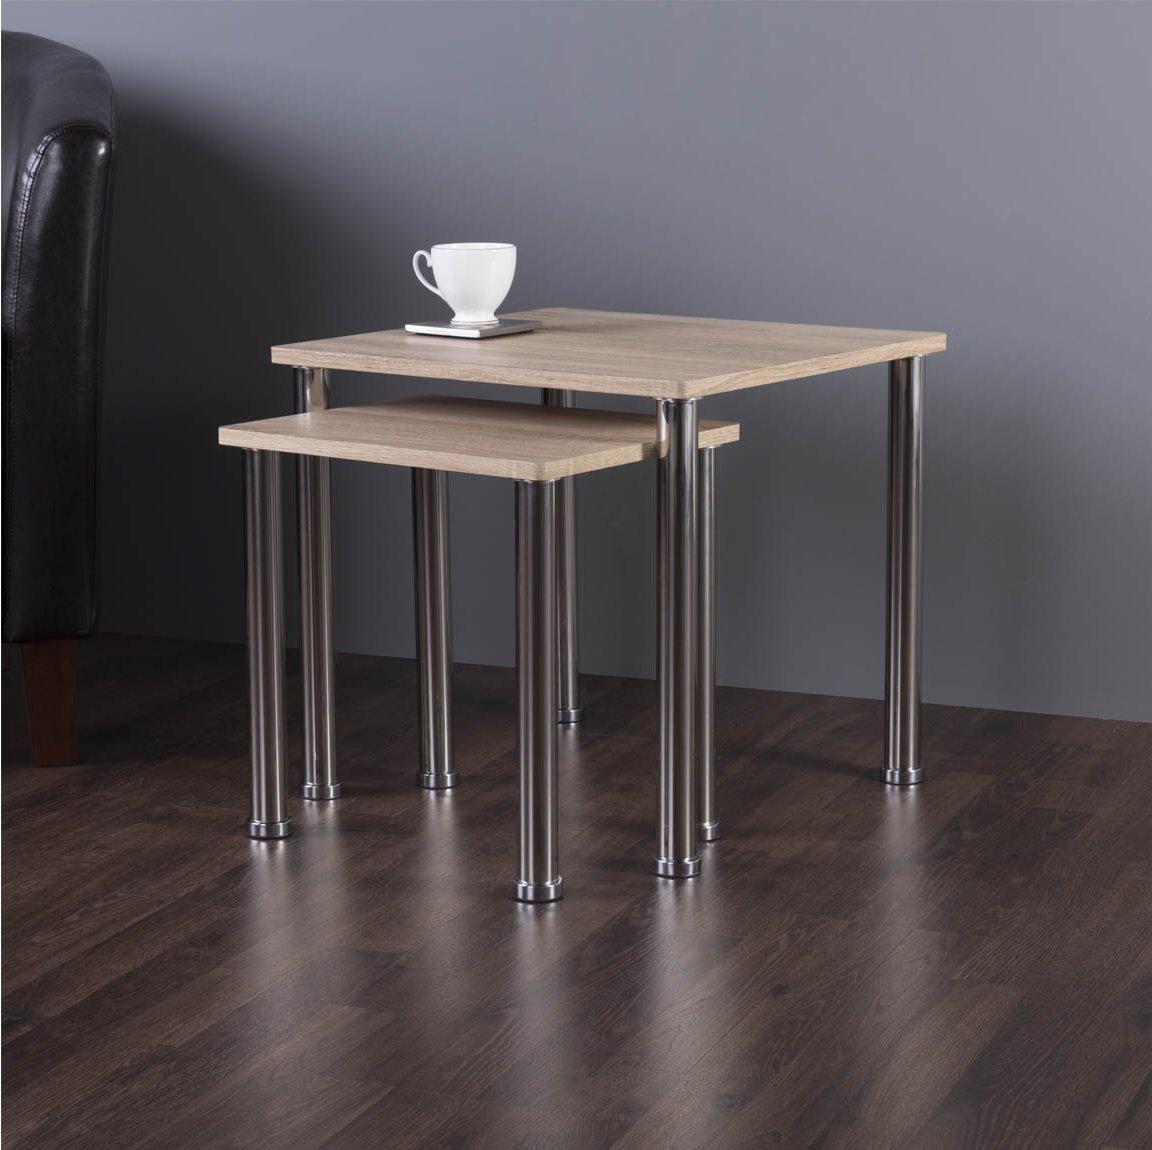 Avf t32wo nest of tables for Avf furniture